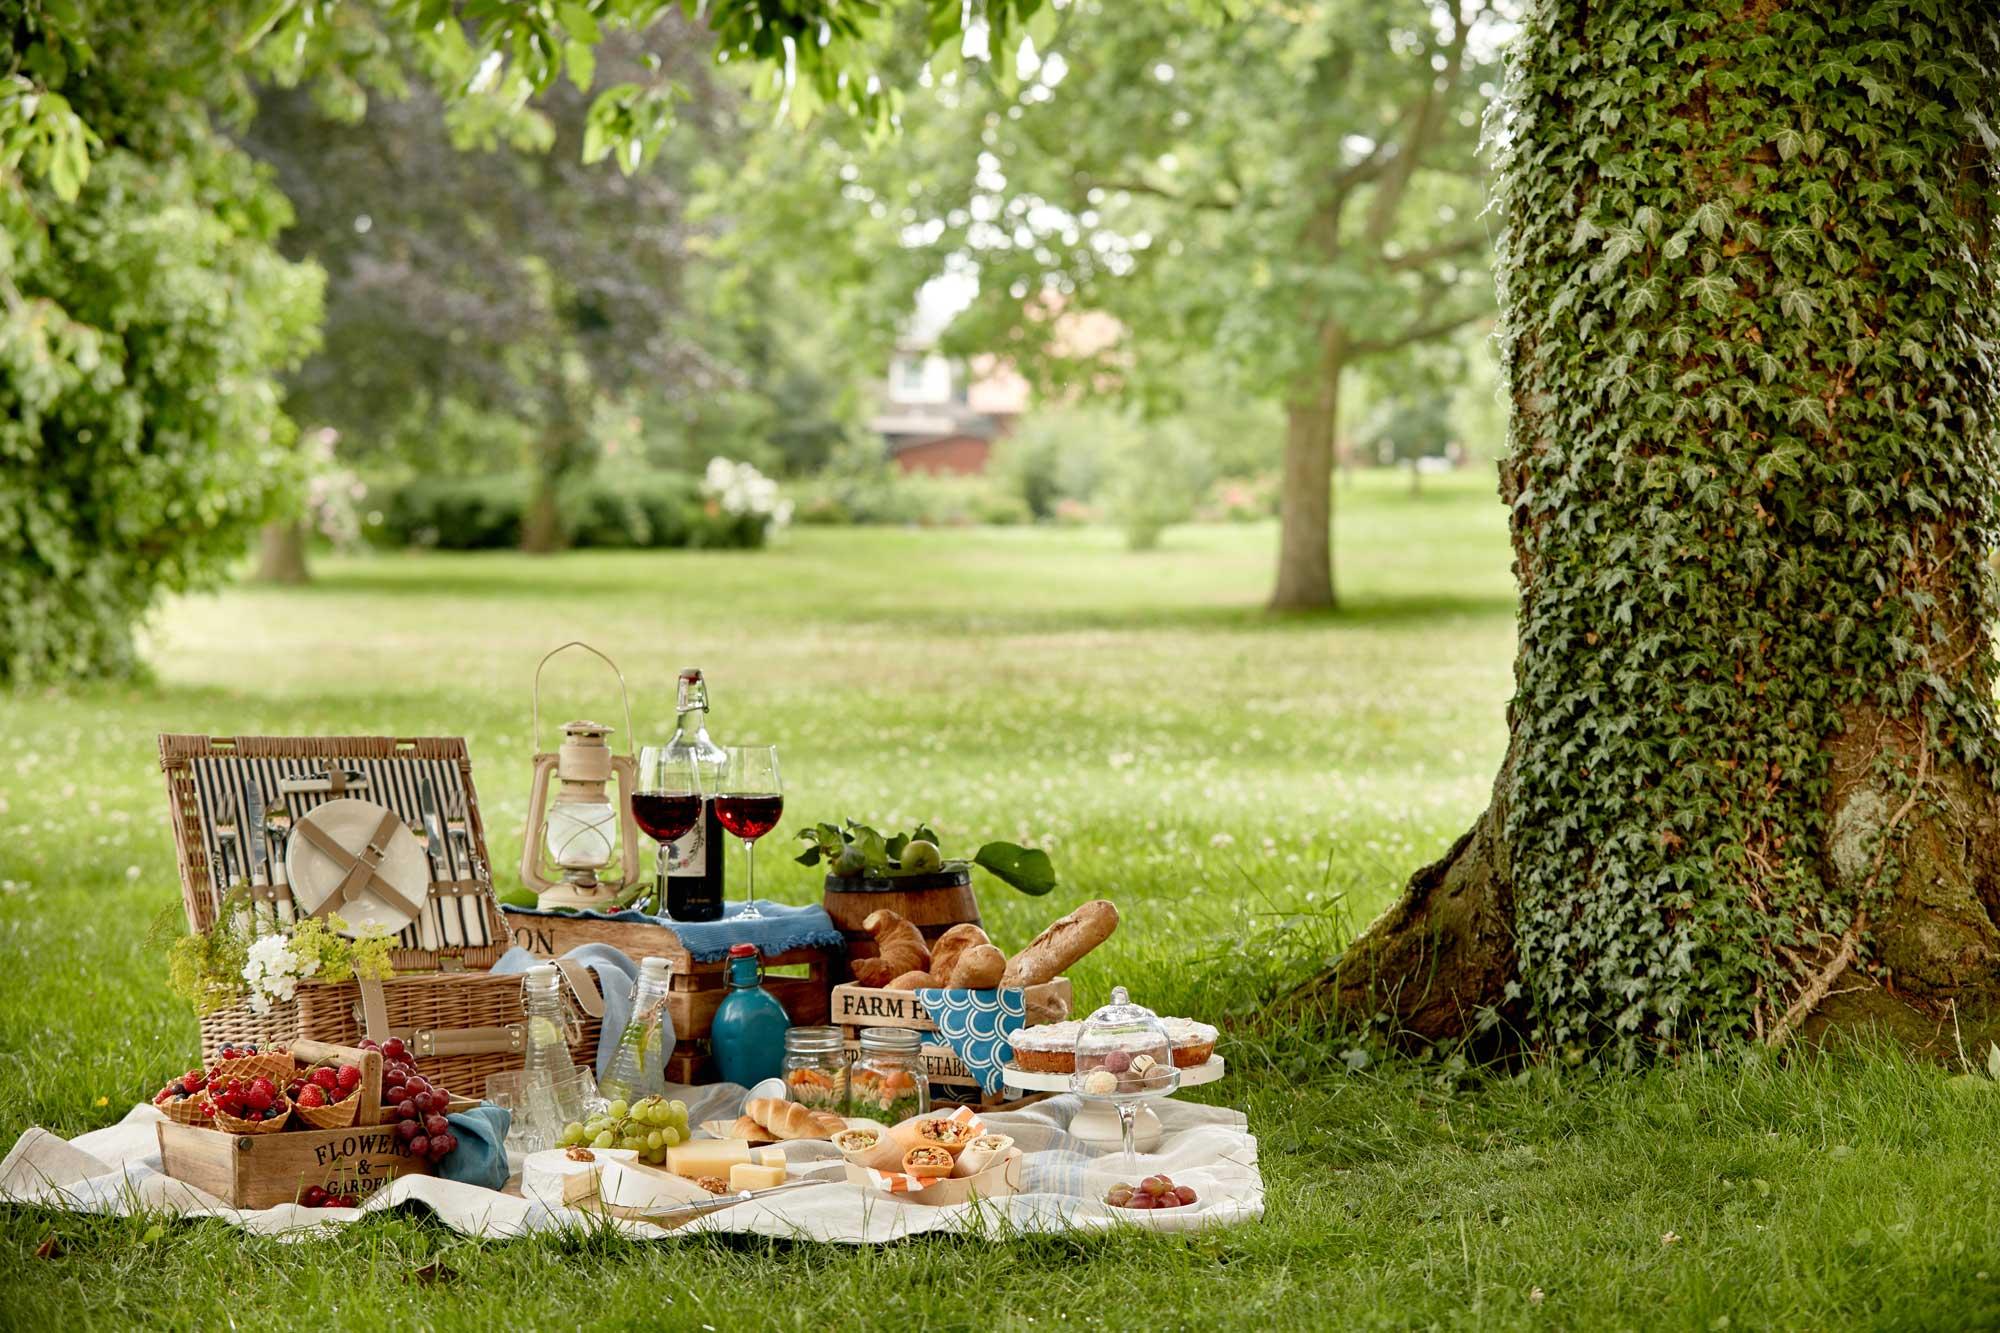 Picknick auf einer grünen Wiese unter einem alten Baum - Wander-Gewinnspiel